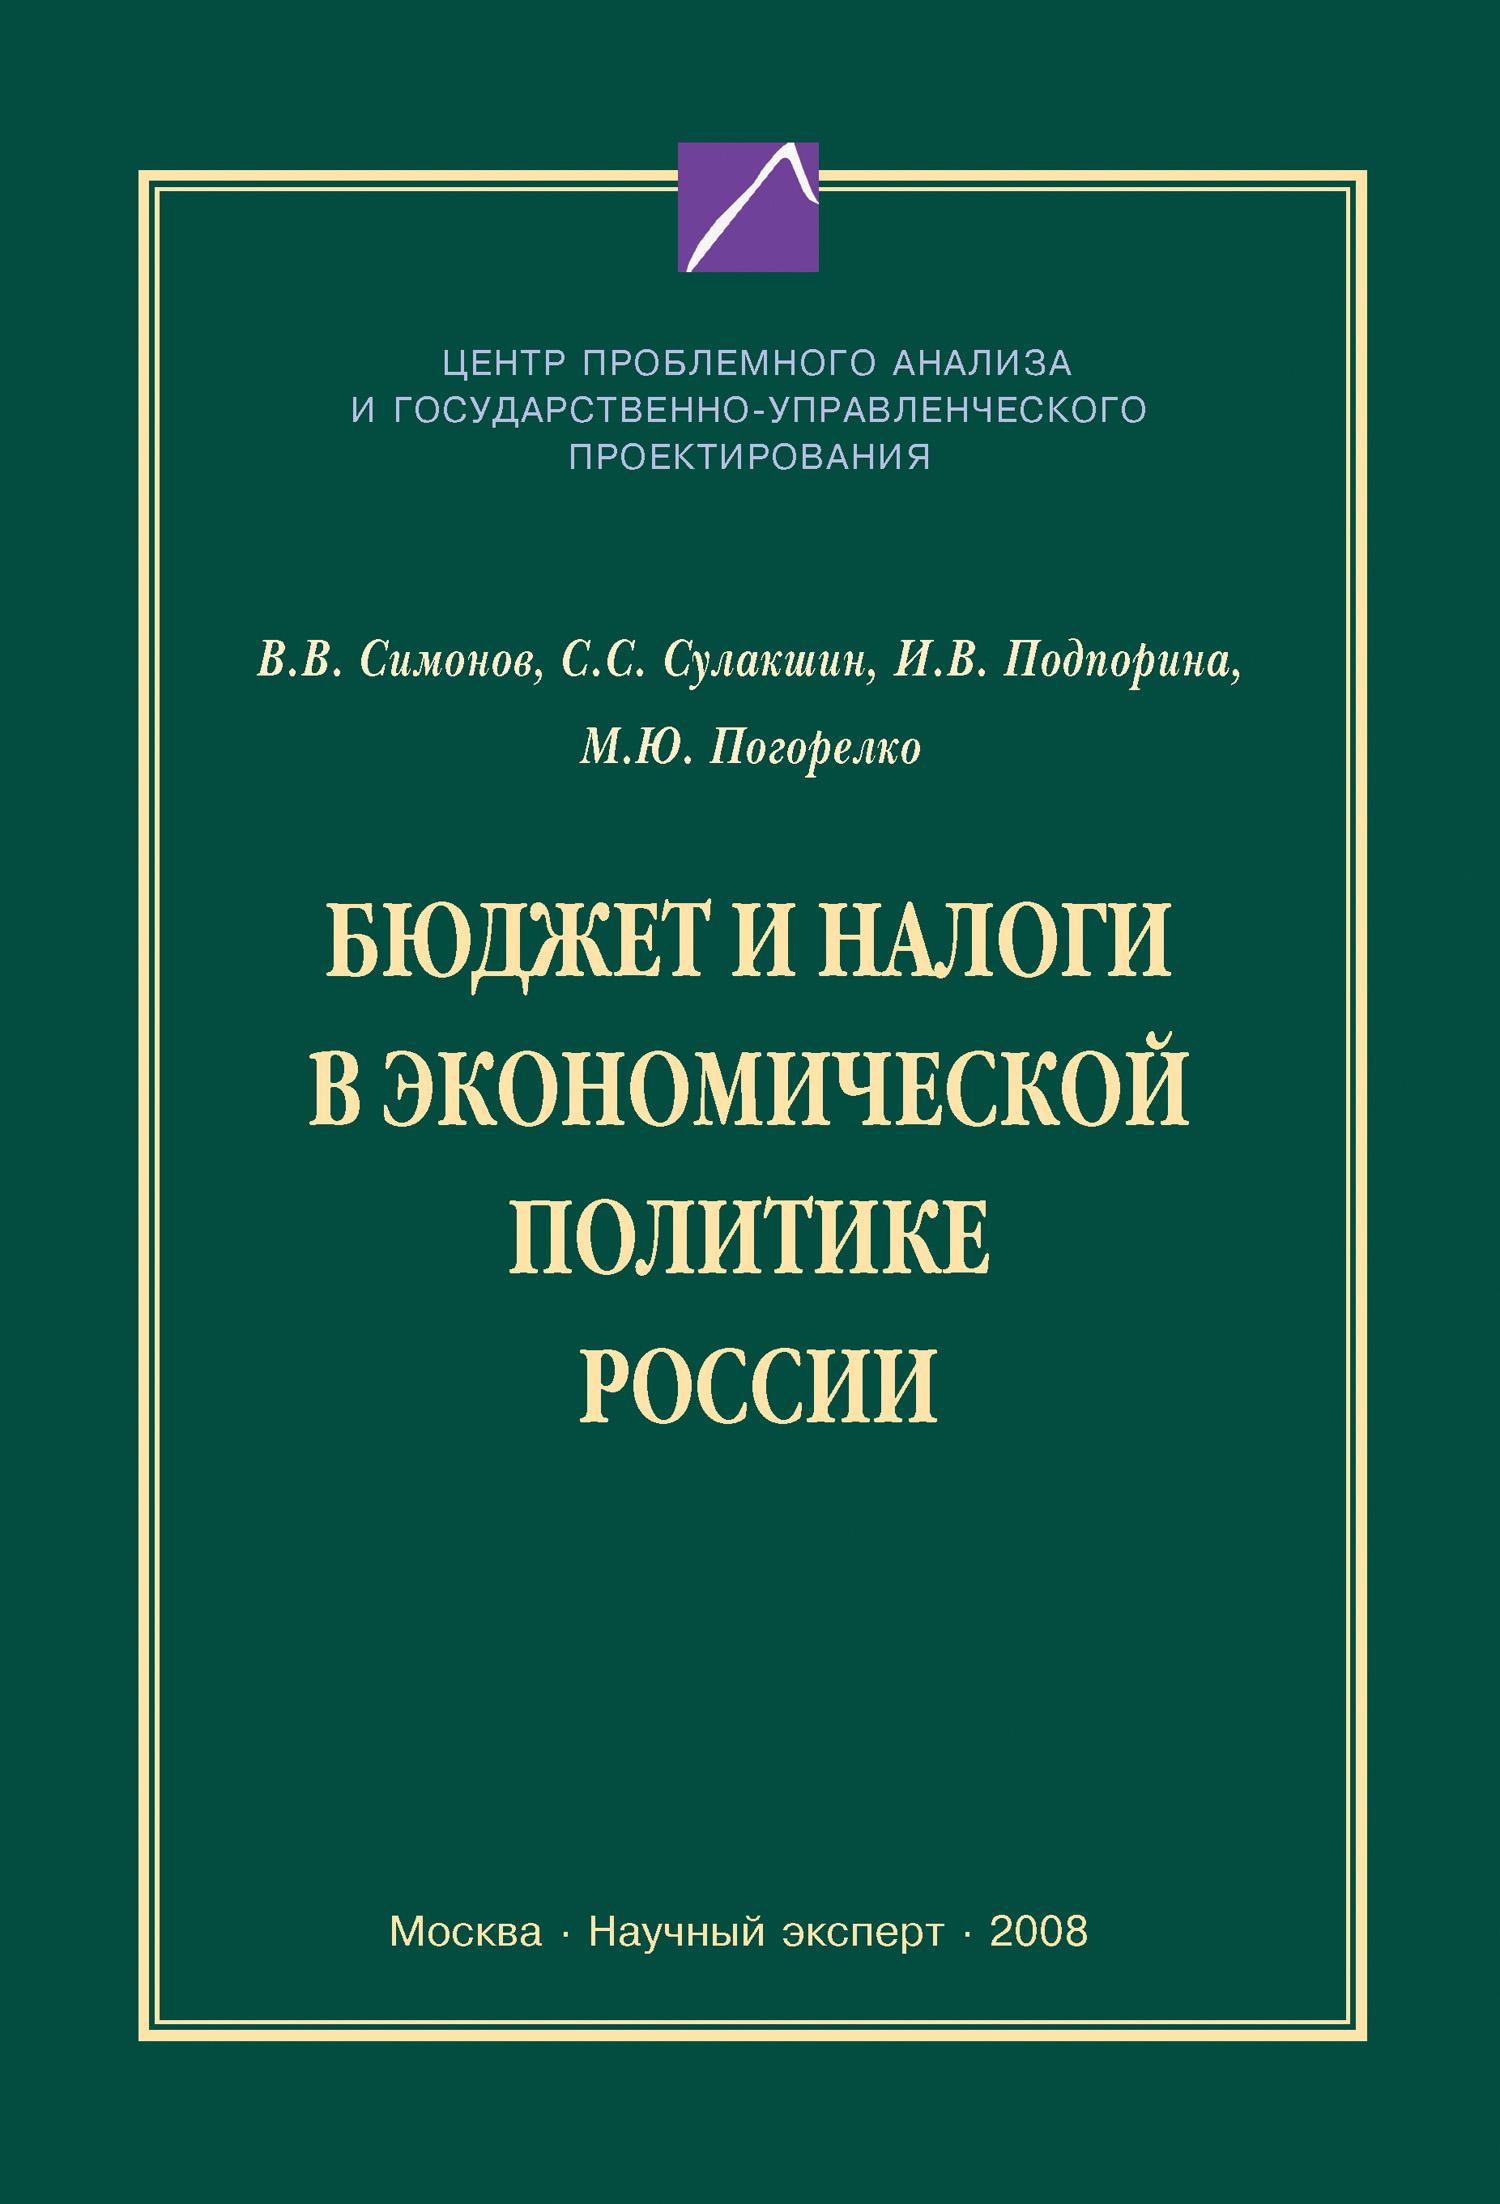 Бюджет и налоги в экономической политике России